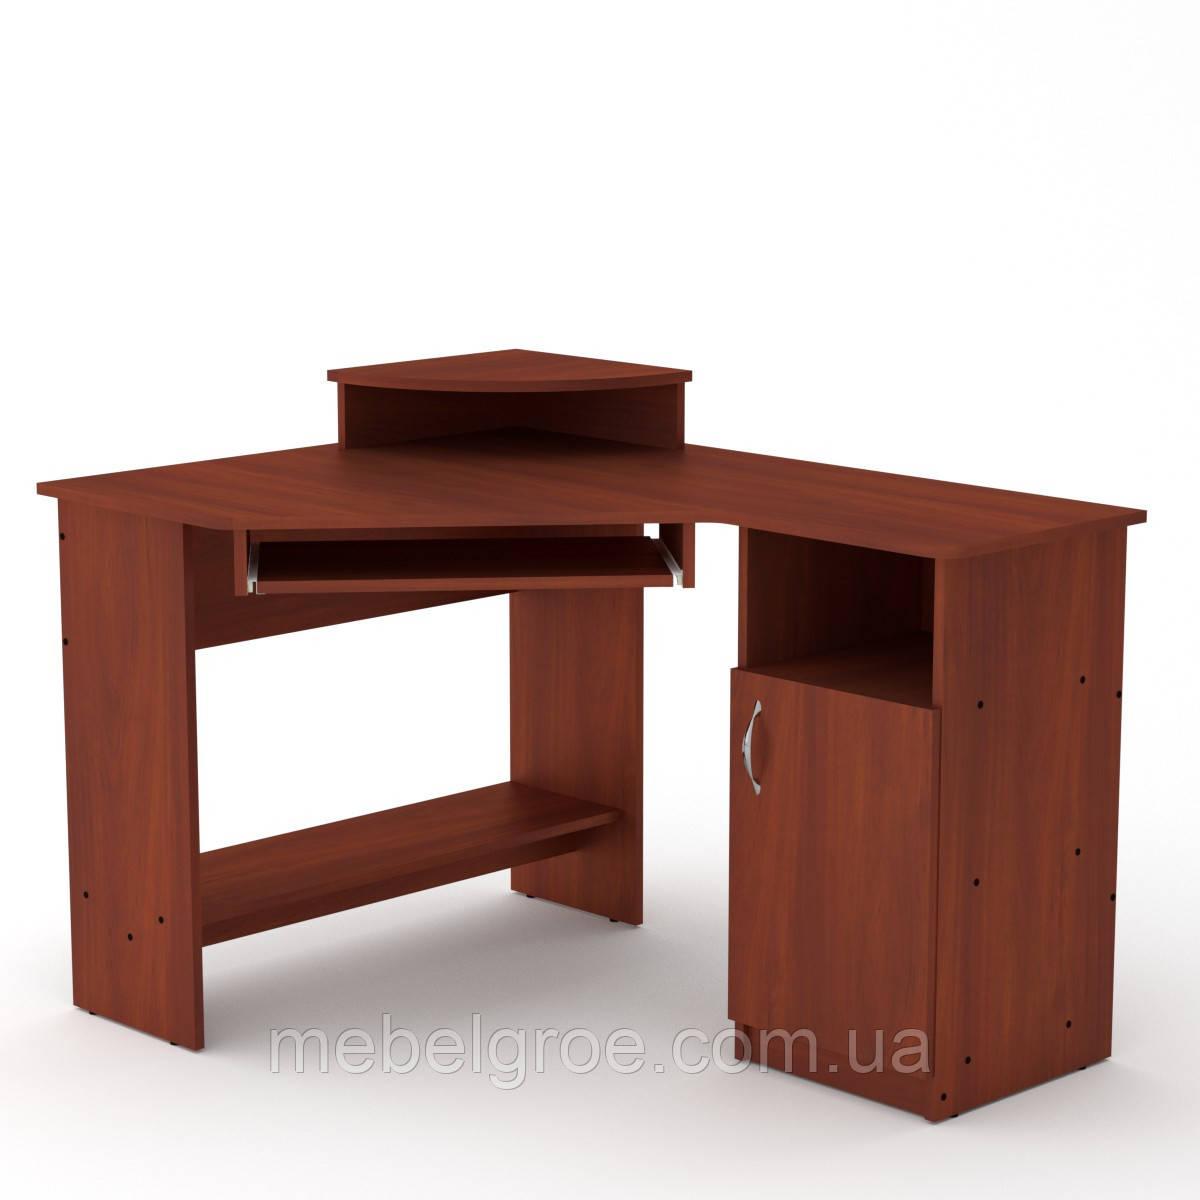 Стол компьютерный СУ-1 тм Компанит